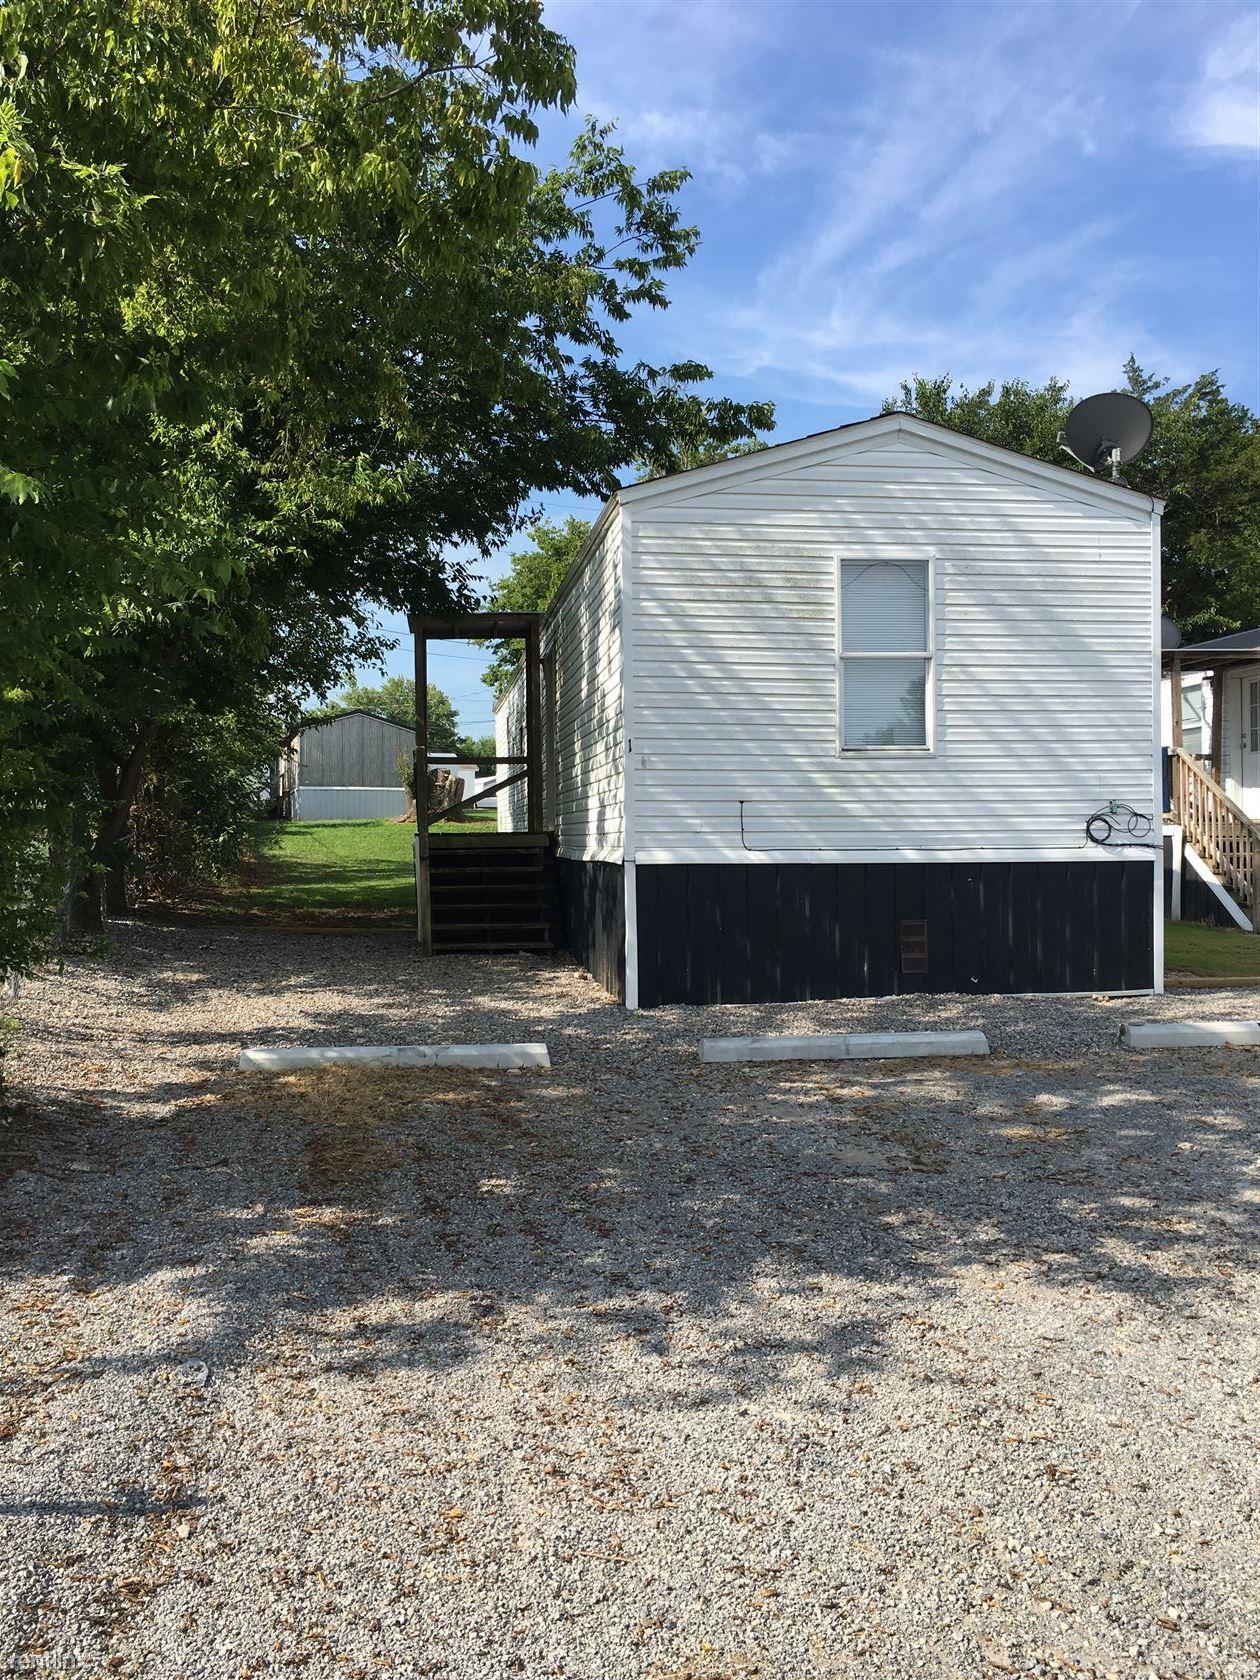 1219 W Choctaw St, Tahlequah, OK - $500